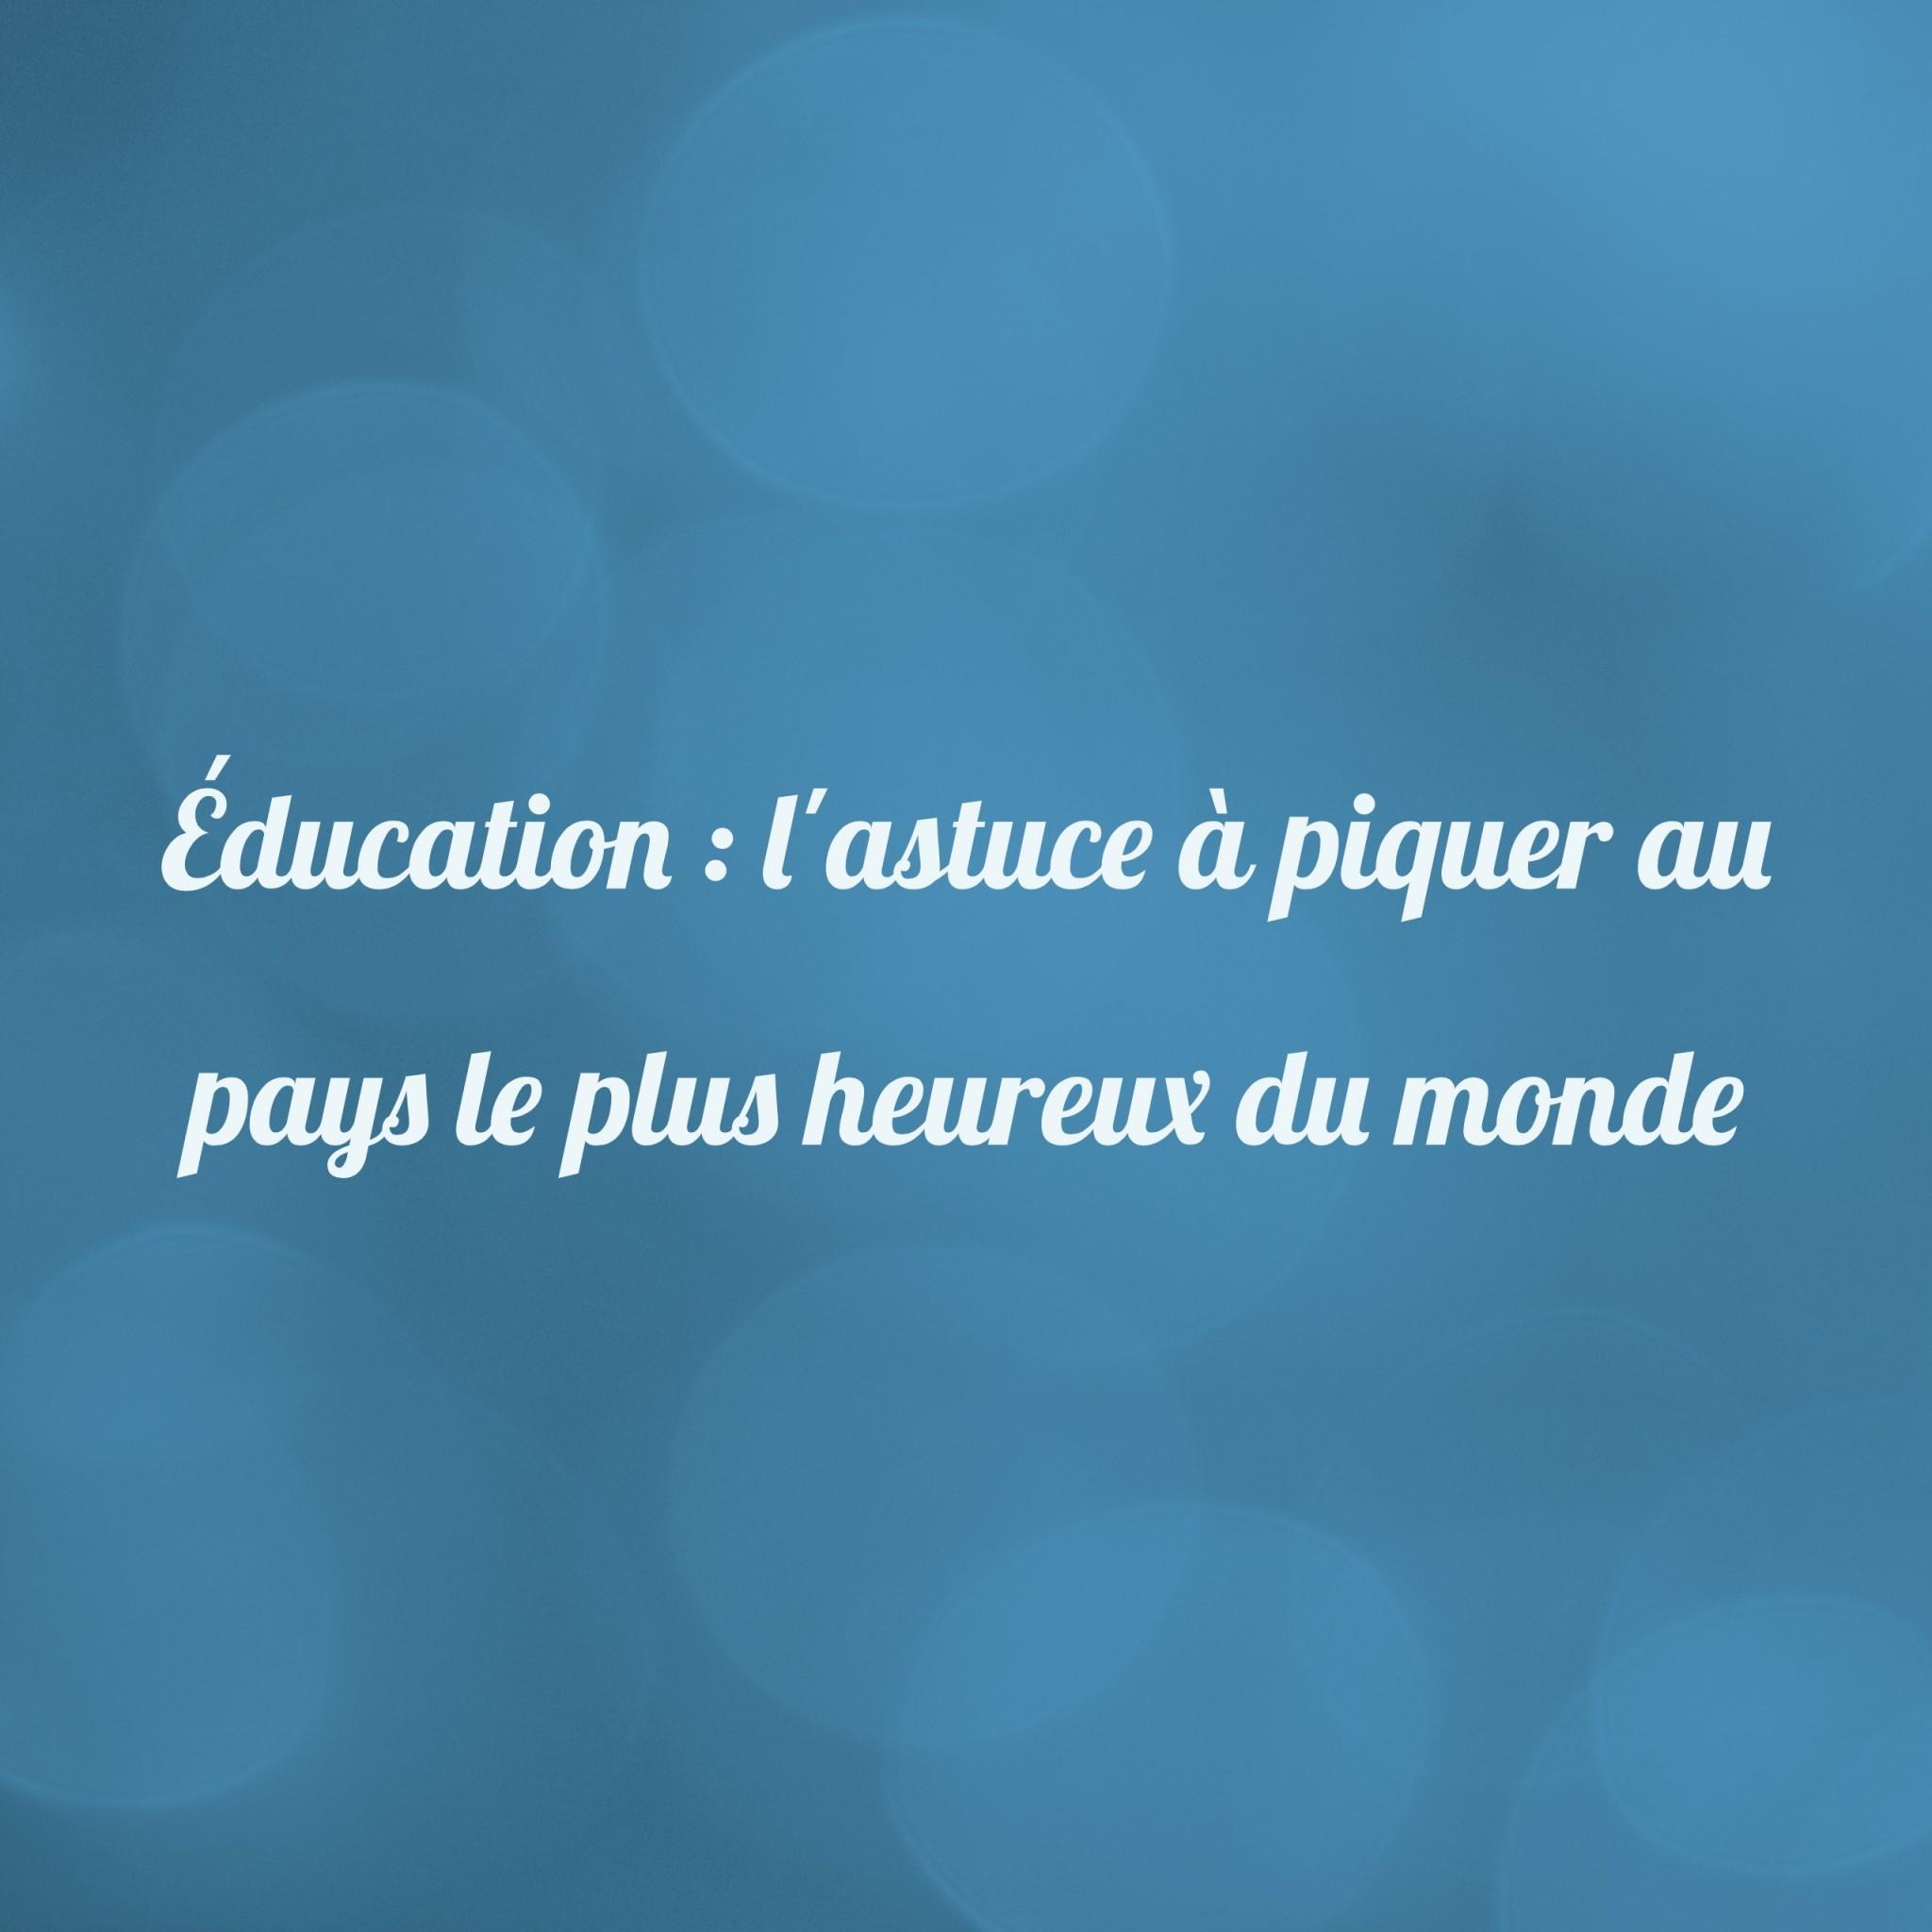 education-lastuce-a-piquer-au-pays-le-plus-heureux-du-monde